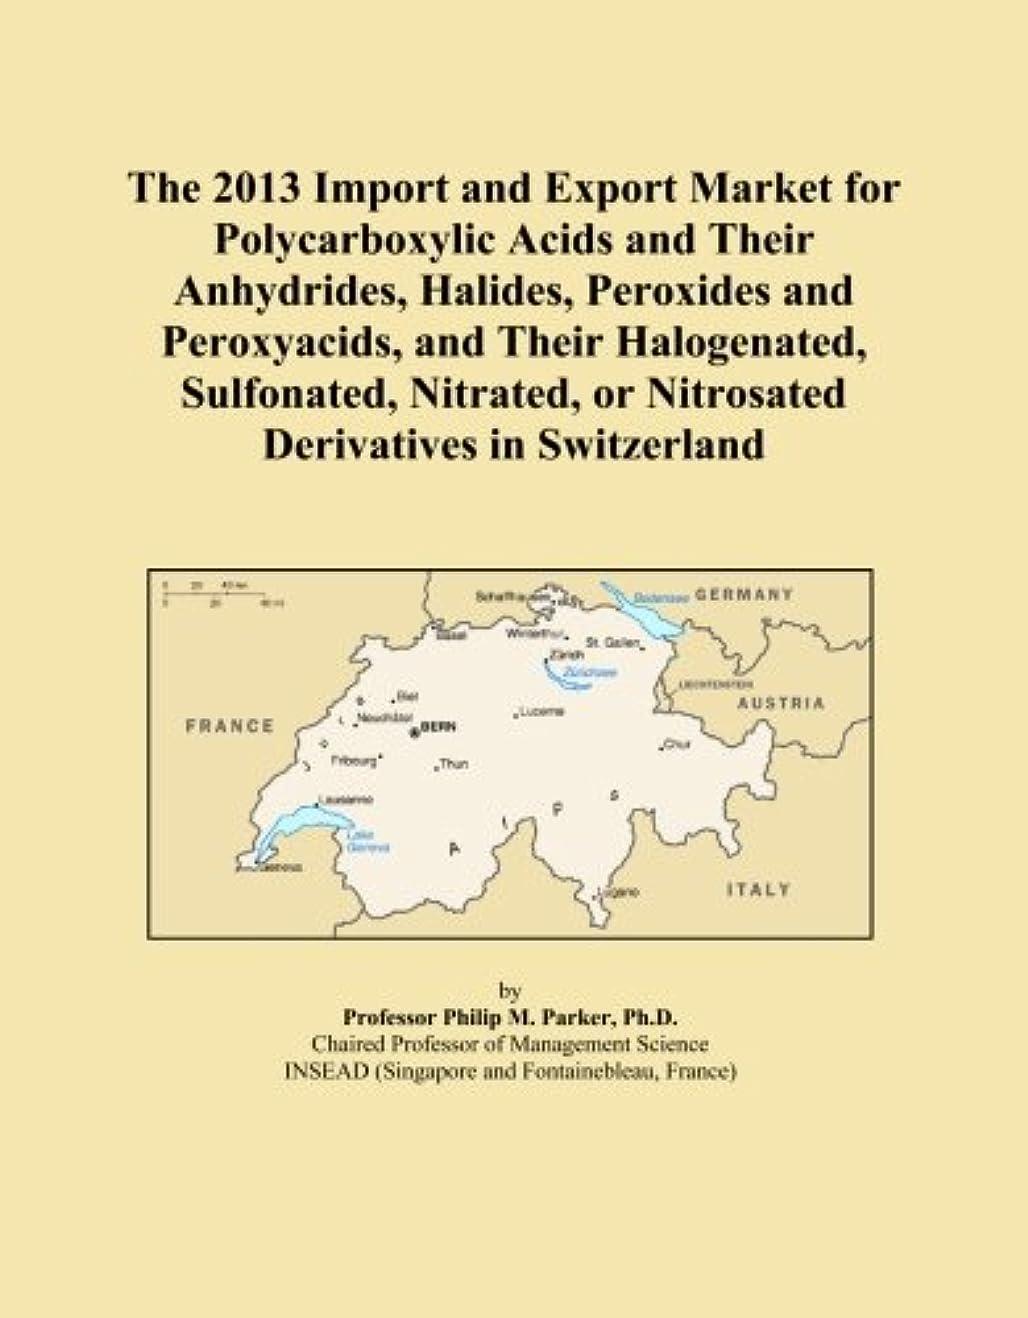 輝く船形悪化させるThe 2013 Import and Export Market for Polycarboxylic Acids and Their Anhydrides, Halides, Peroxides and Peroxyacids, and Their Halogenated, Sulfonated, Nitrated, or Nitrosated Derivatives in Switzerland